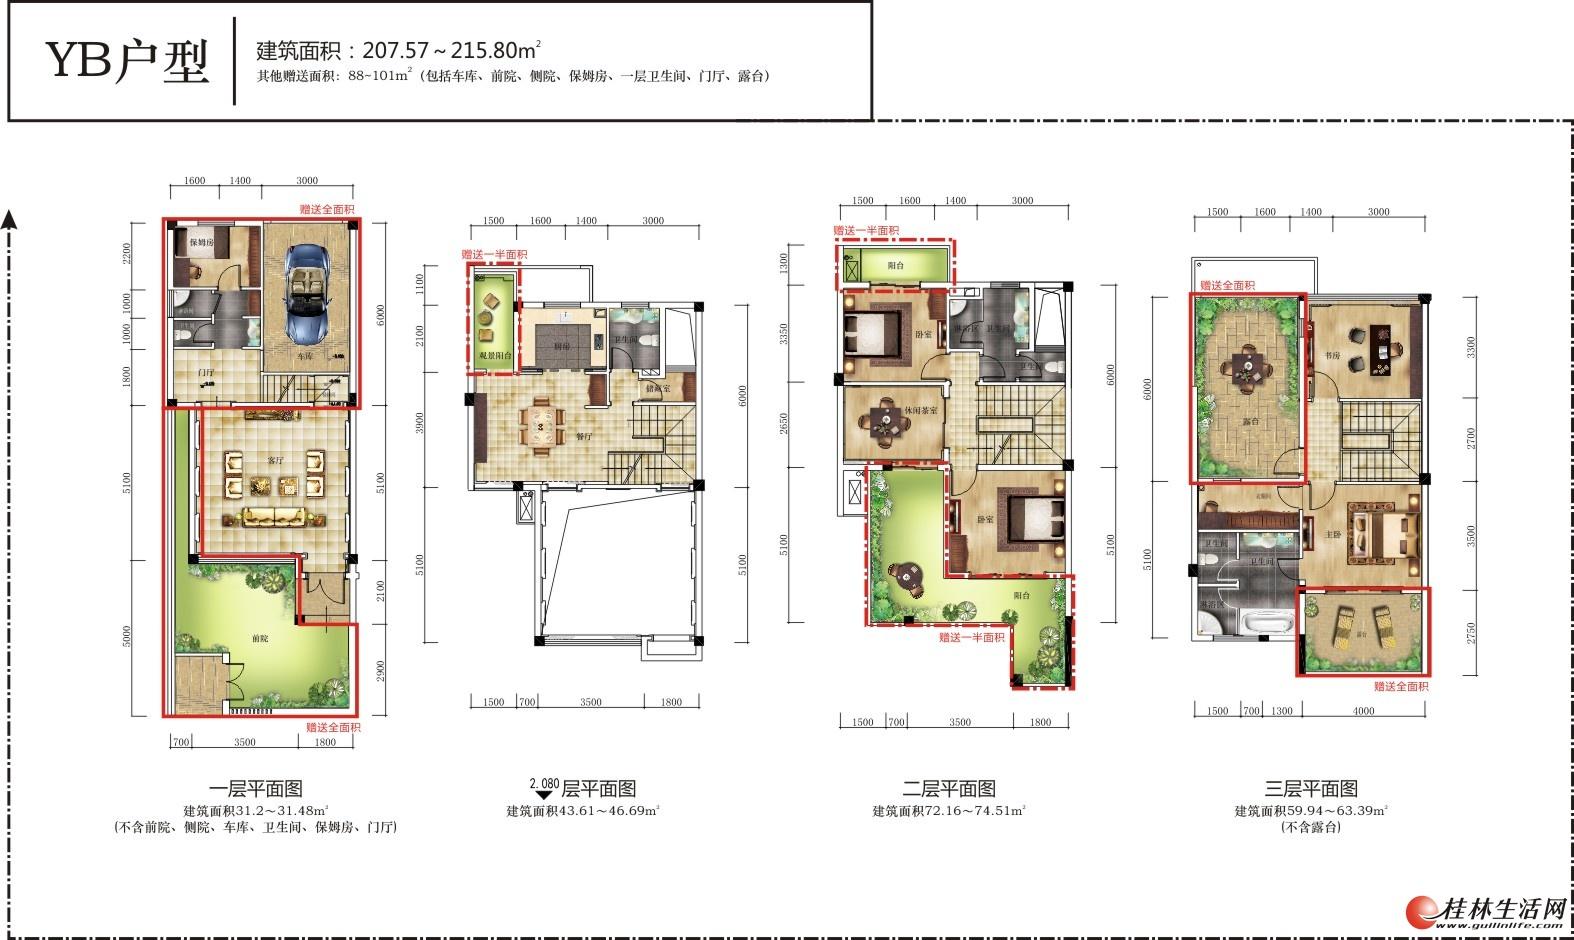 桂林公馆·原乡墅  户型图  yb户型 207.57-215.